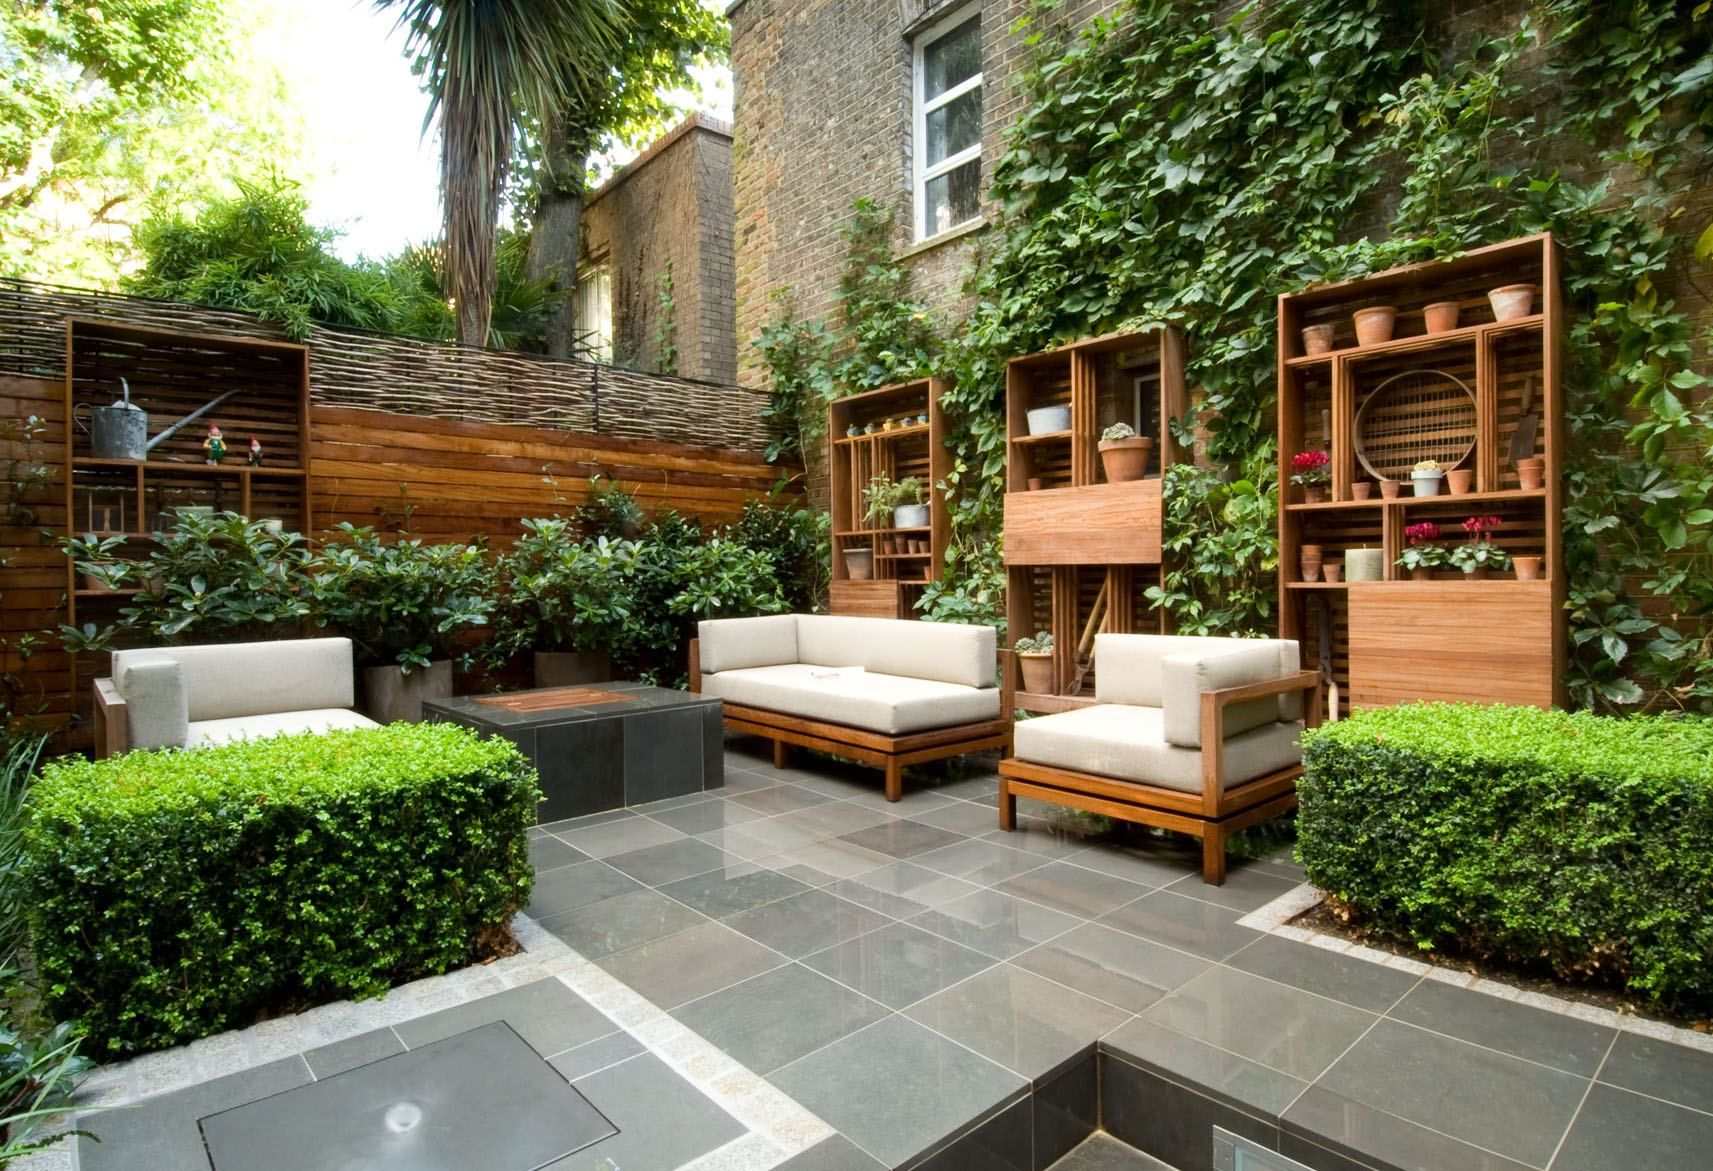 Urban Patio Garden - Fresh Garden Ideas Urban Garden Ideas ... on Small Urban Patio Ideas id=90887